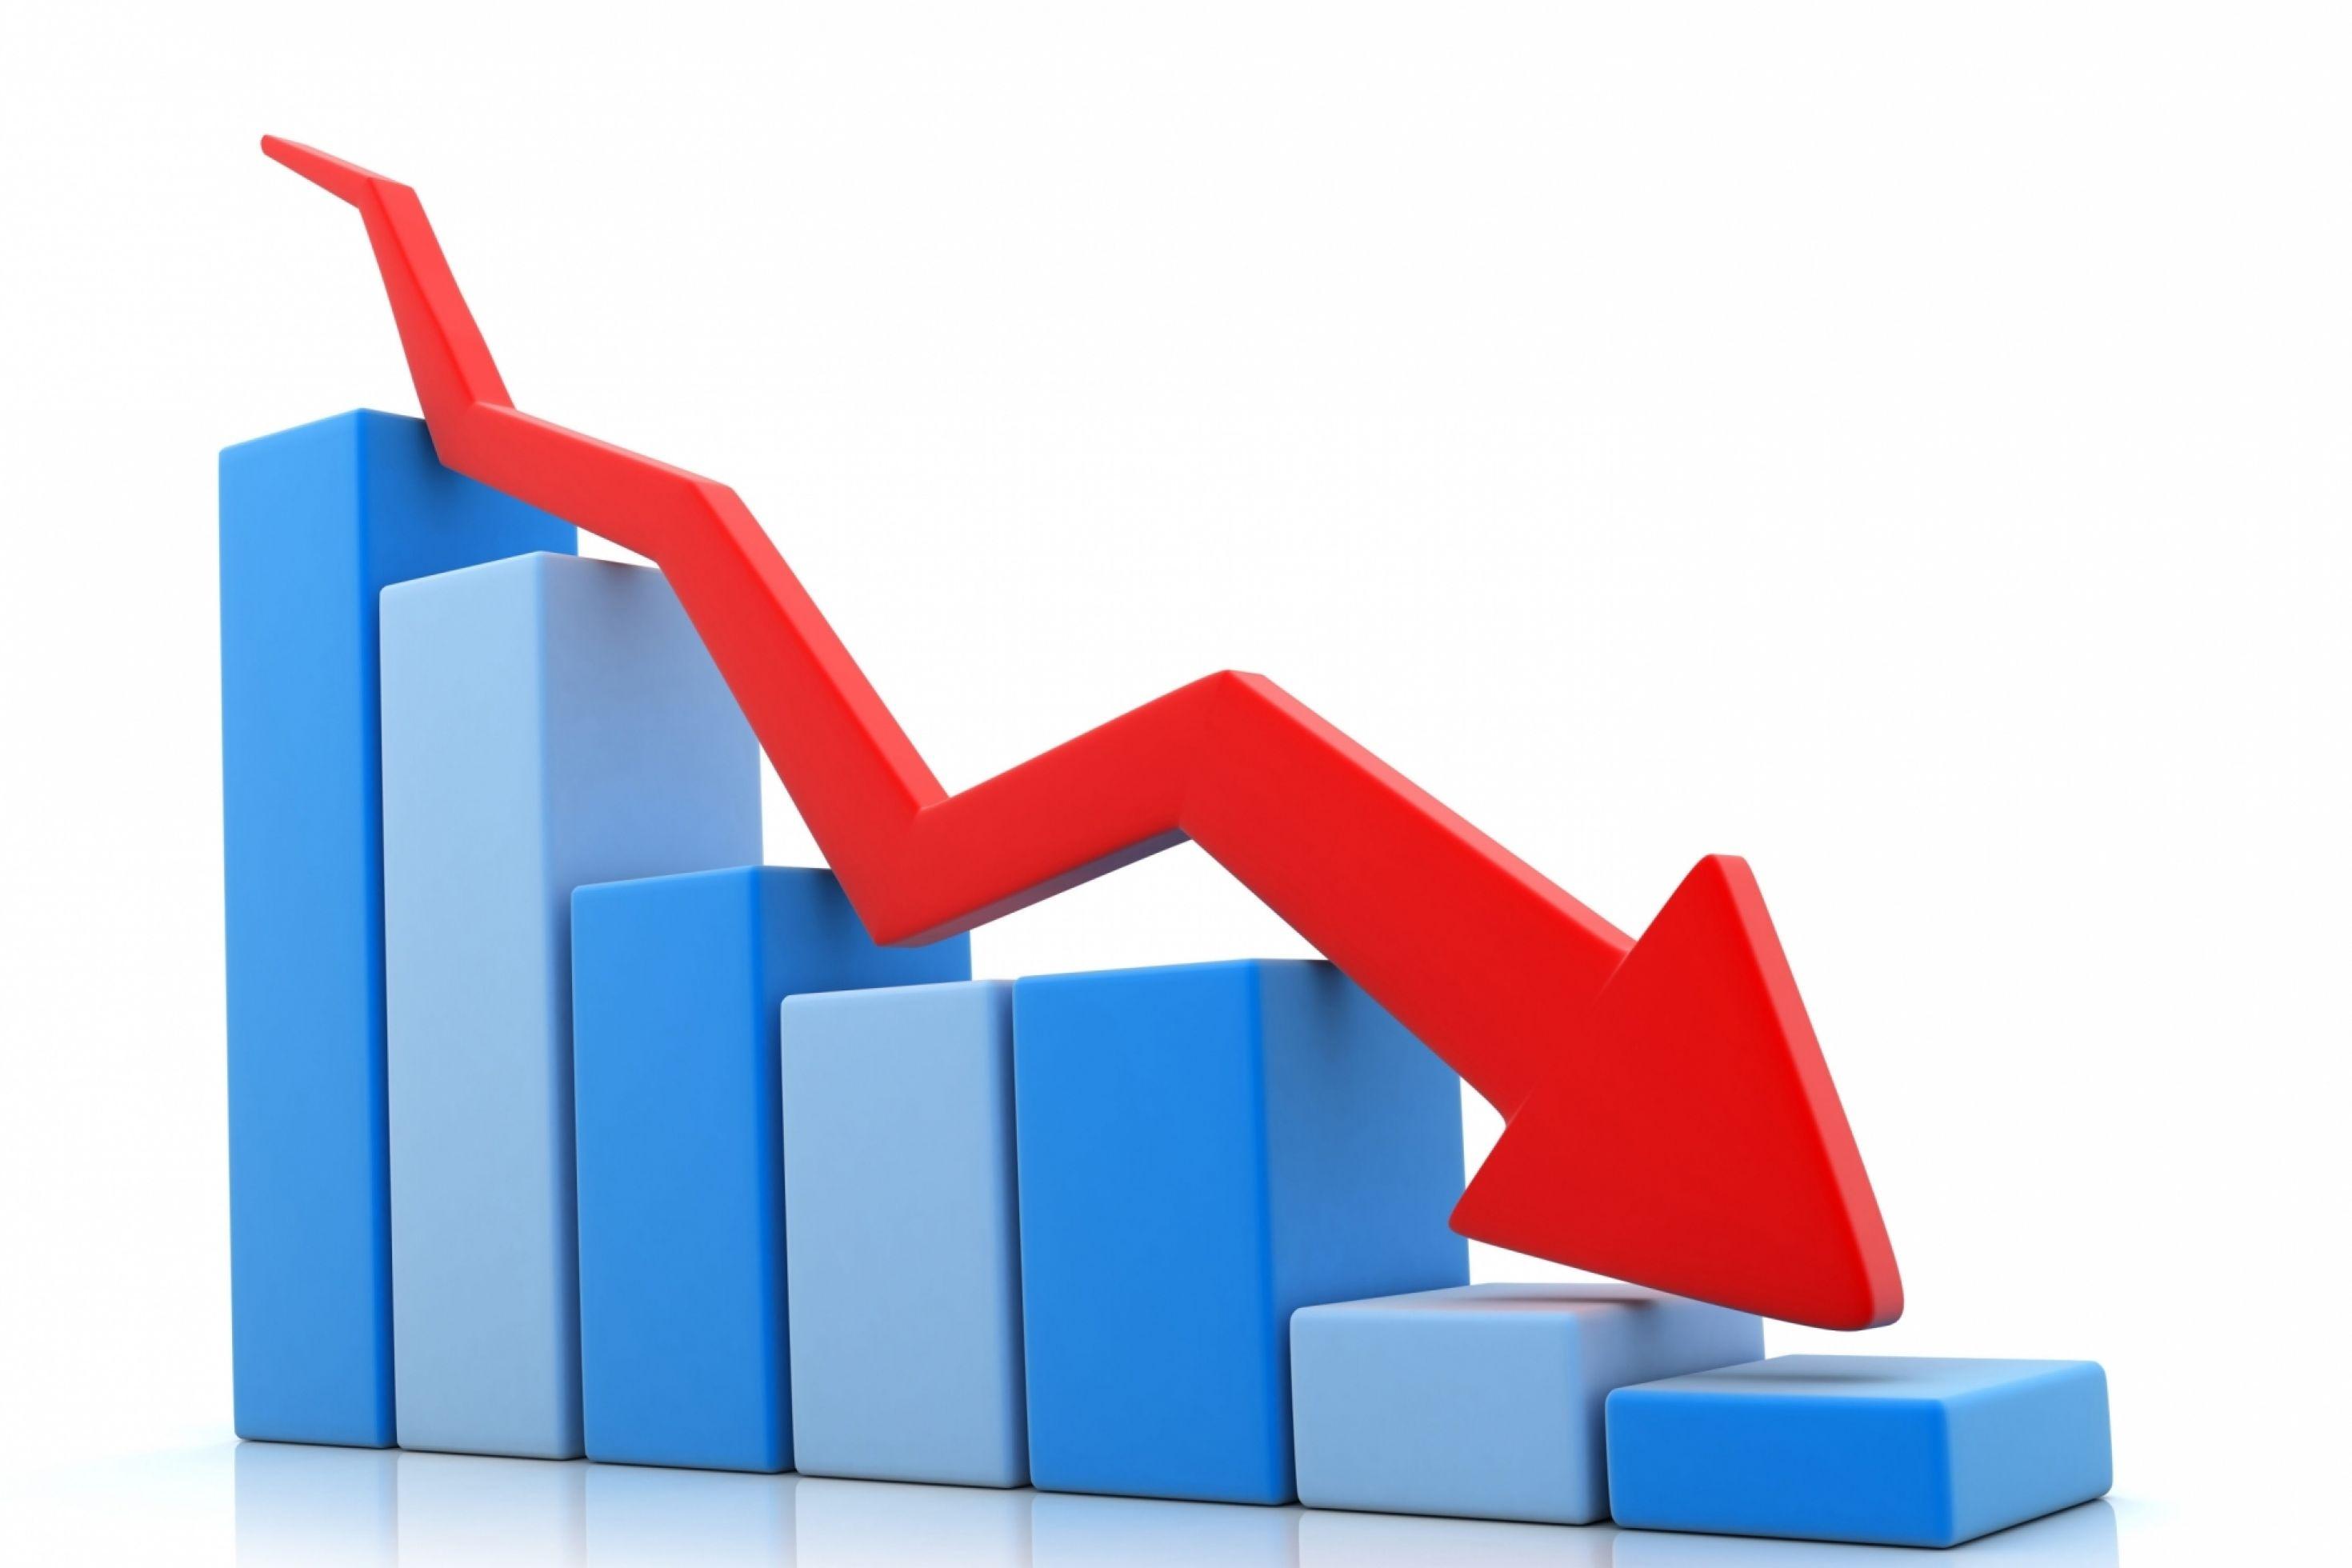 Krimp recessie coronacrisis